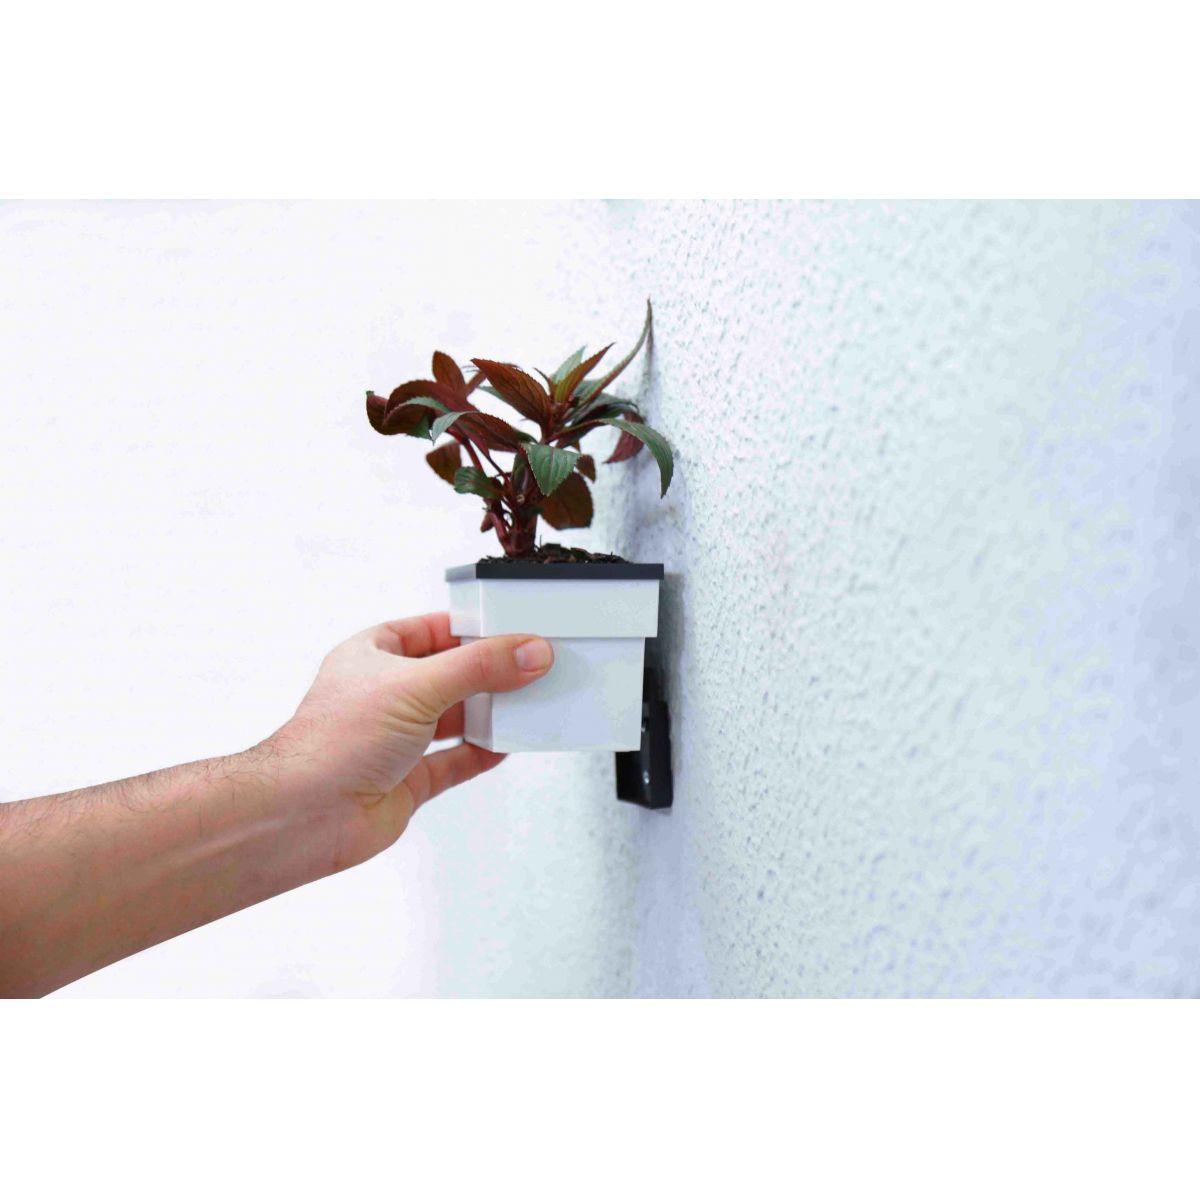 Vaso com reservatório de água e suporte de parede modelo Grande 19cm x 11cm Prático